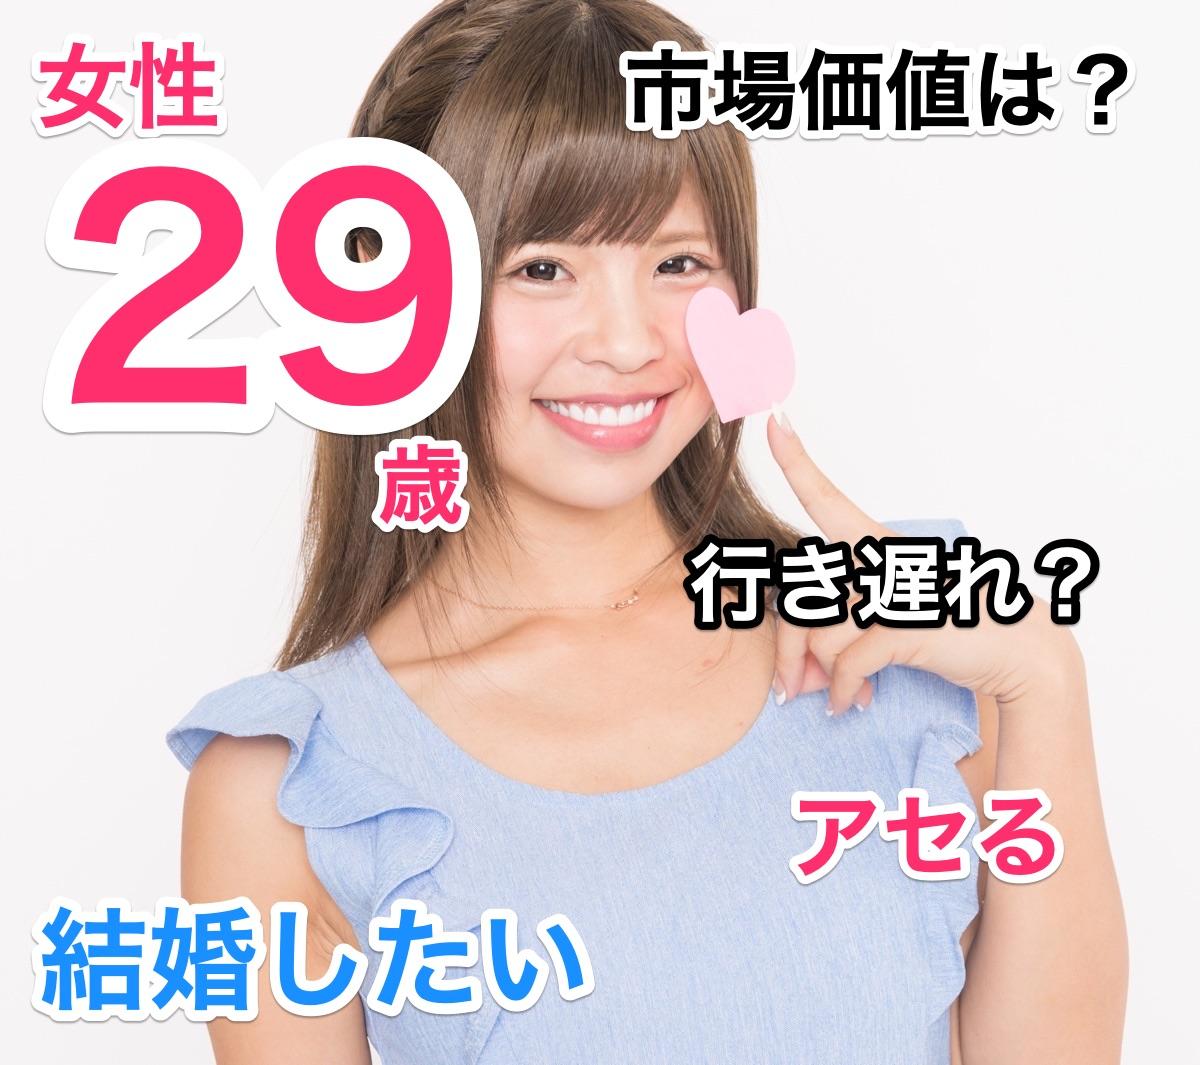 【女性】29歳女性の婚活成功法を大公開!早く結婚する方法は?